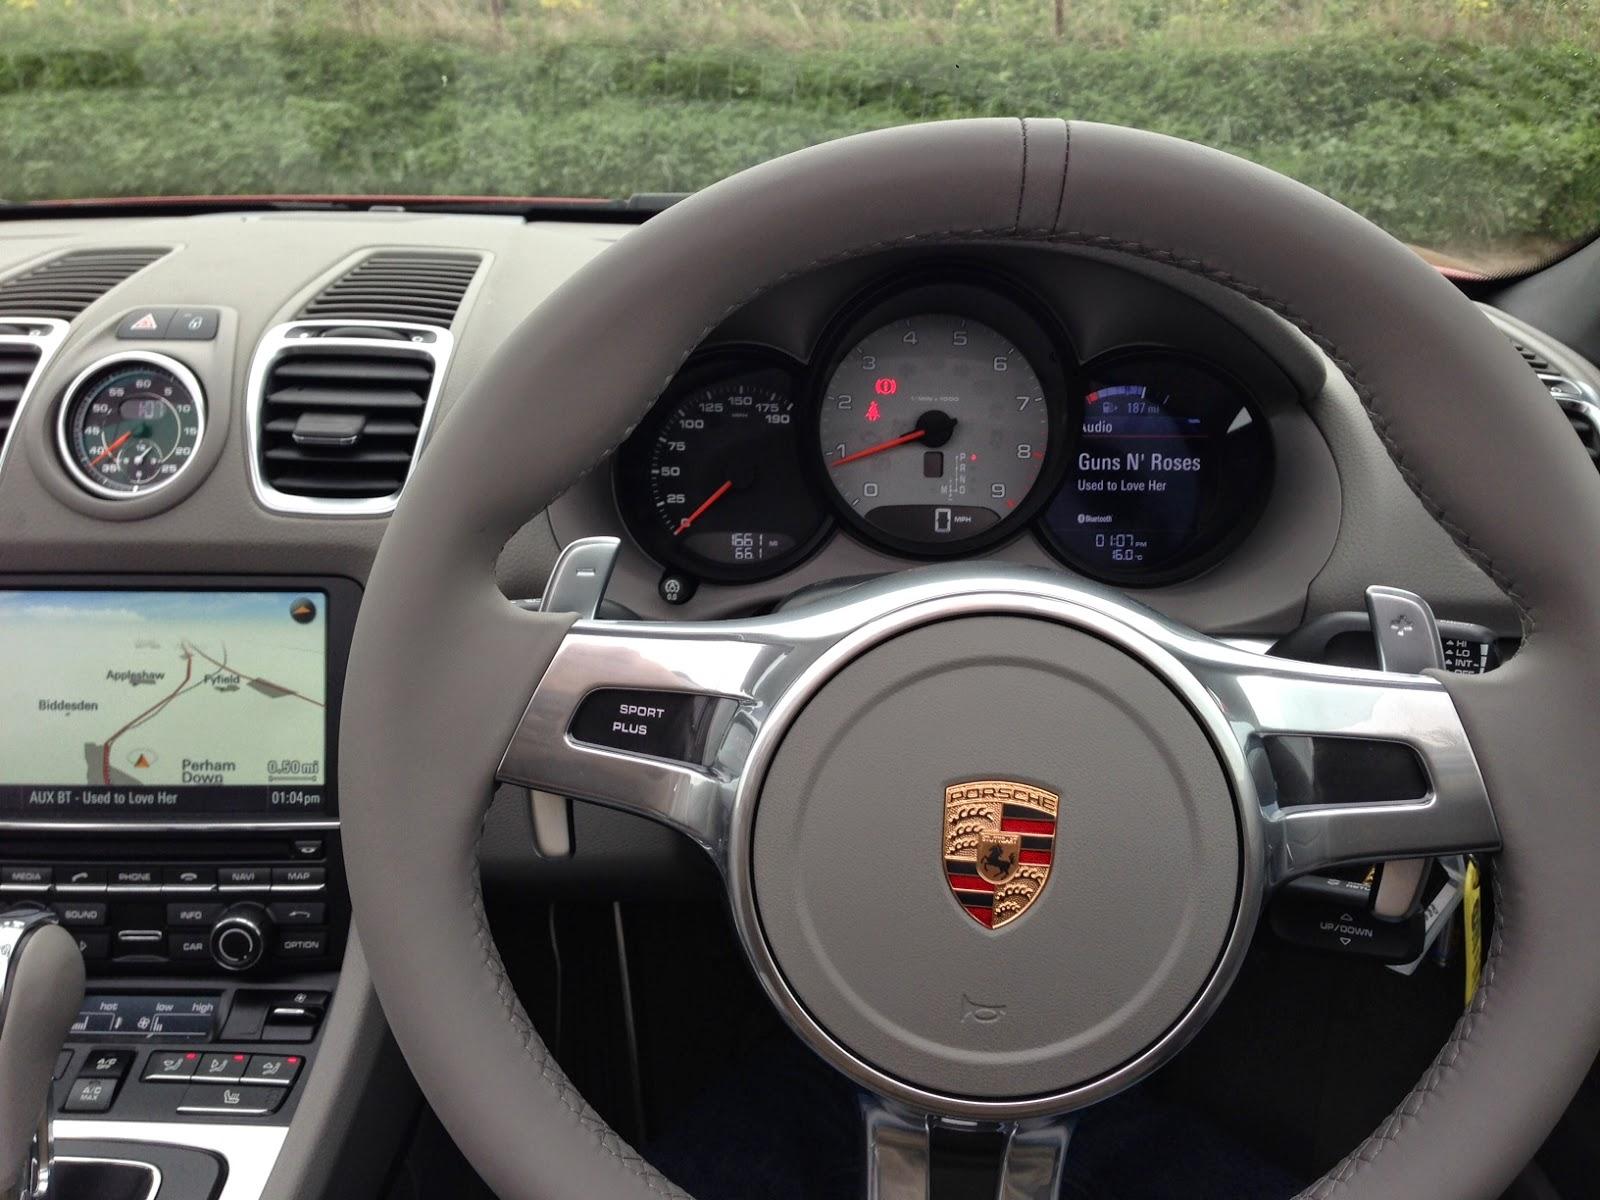 2014 Porsche Boxster S 981